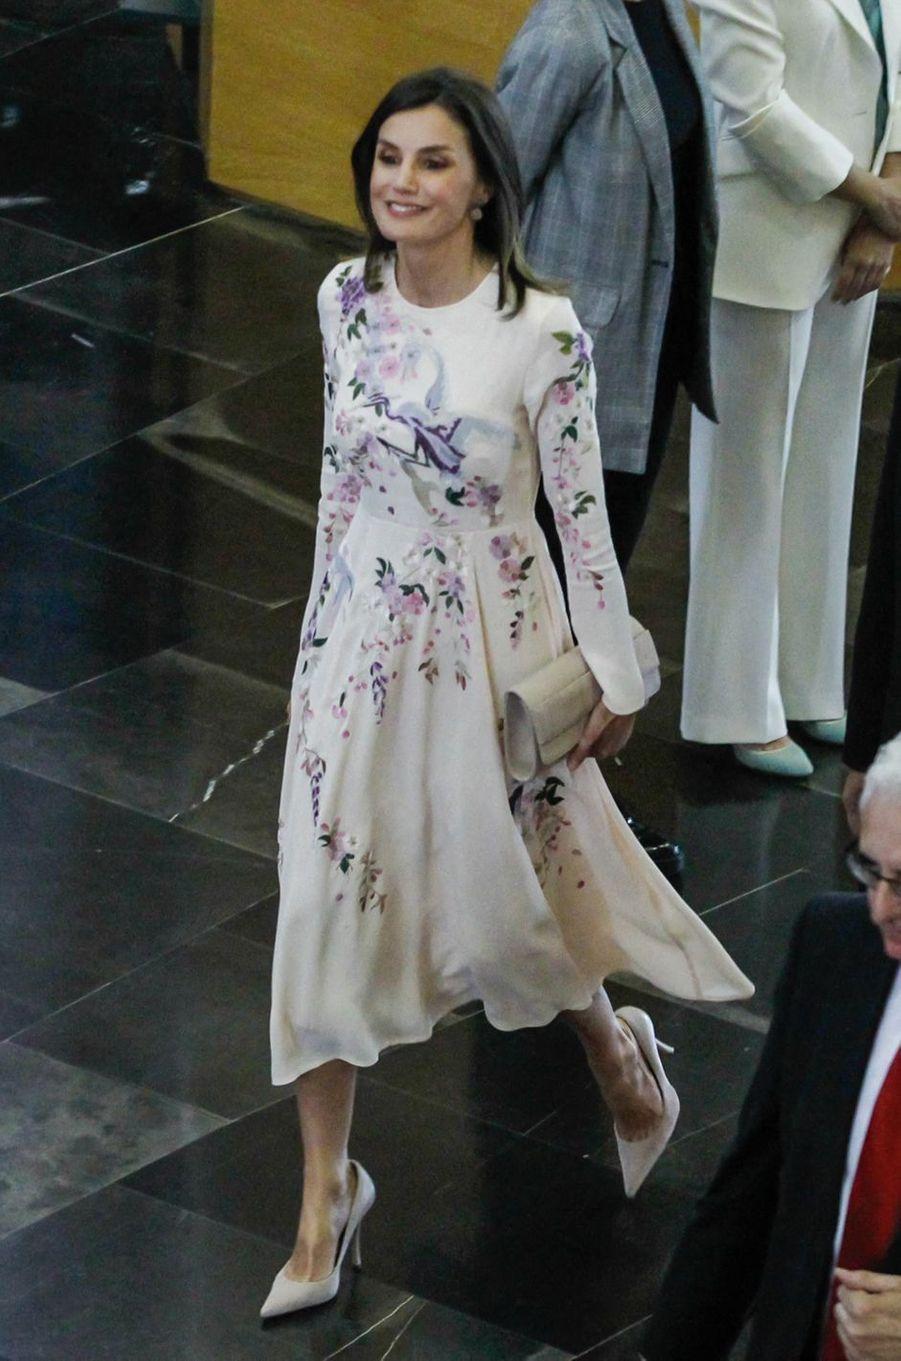 La reine Letizia d'Espagne dans une robe brodée Asos à Saragosse, le 7 mai 2019